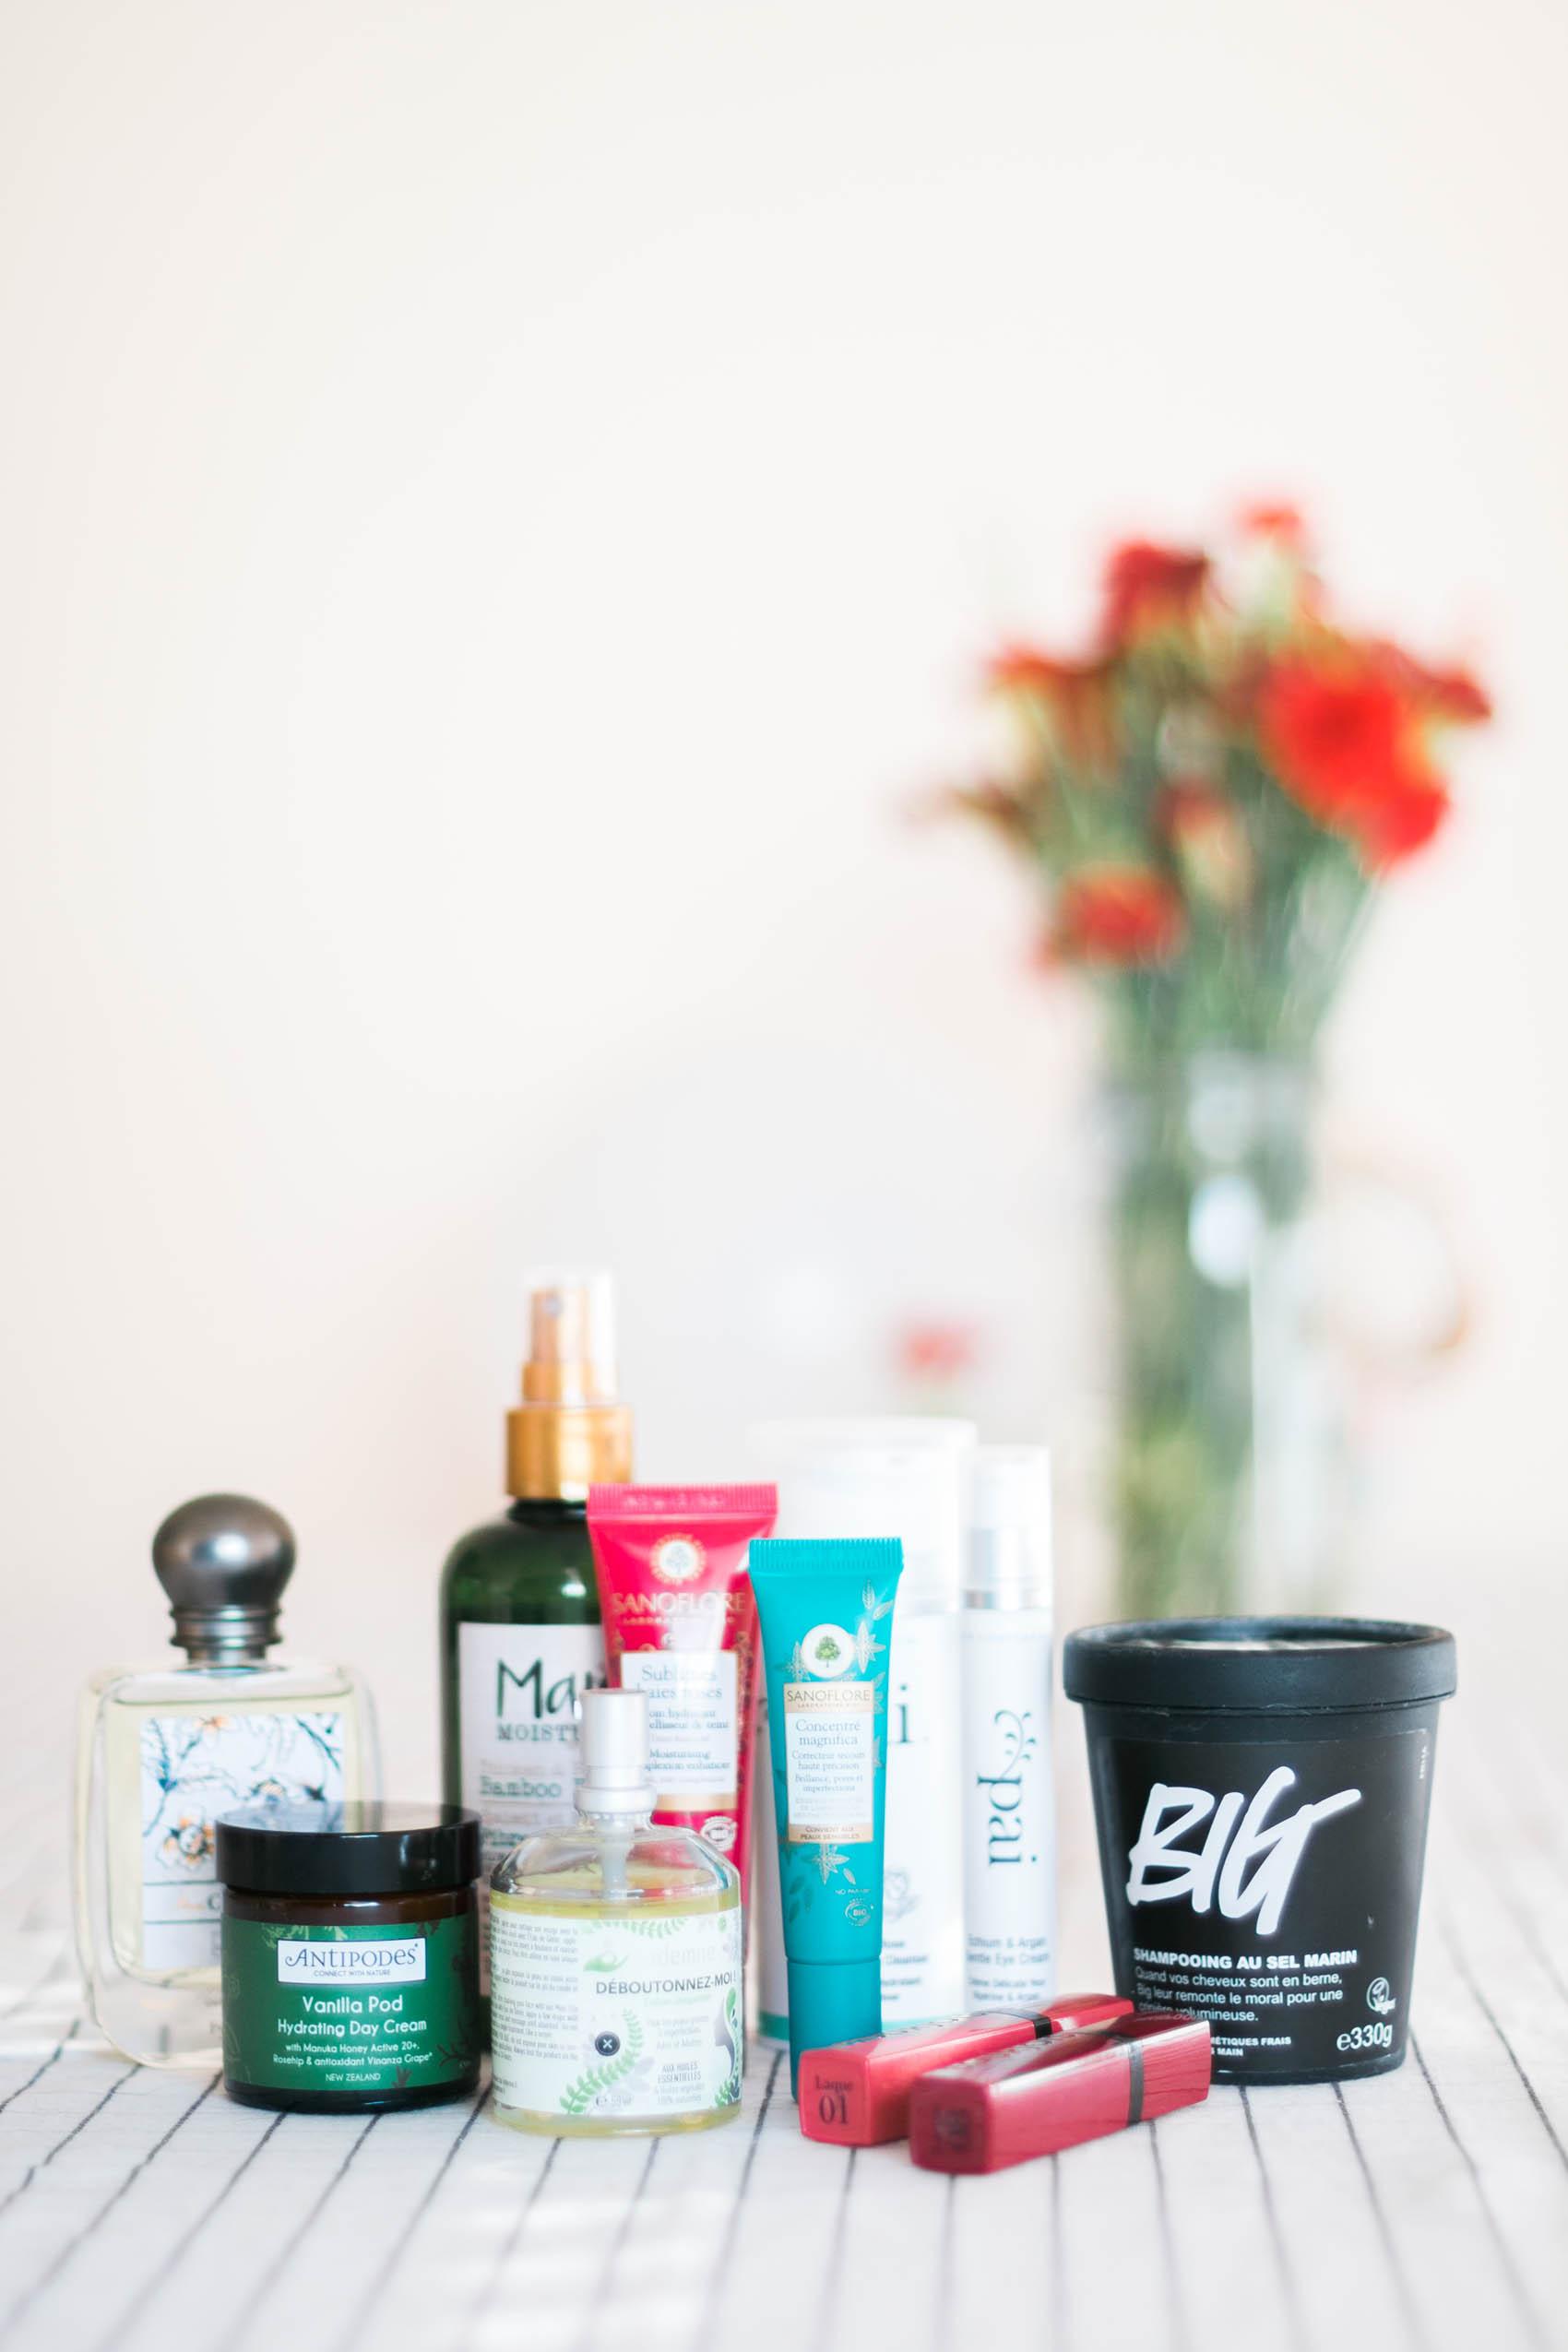 En 2017, j'ai adoré : 10 cosmétiques